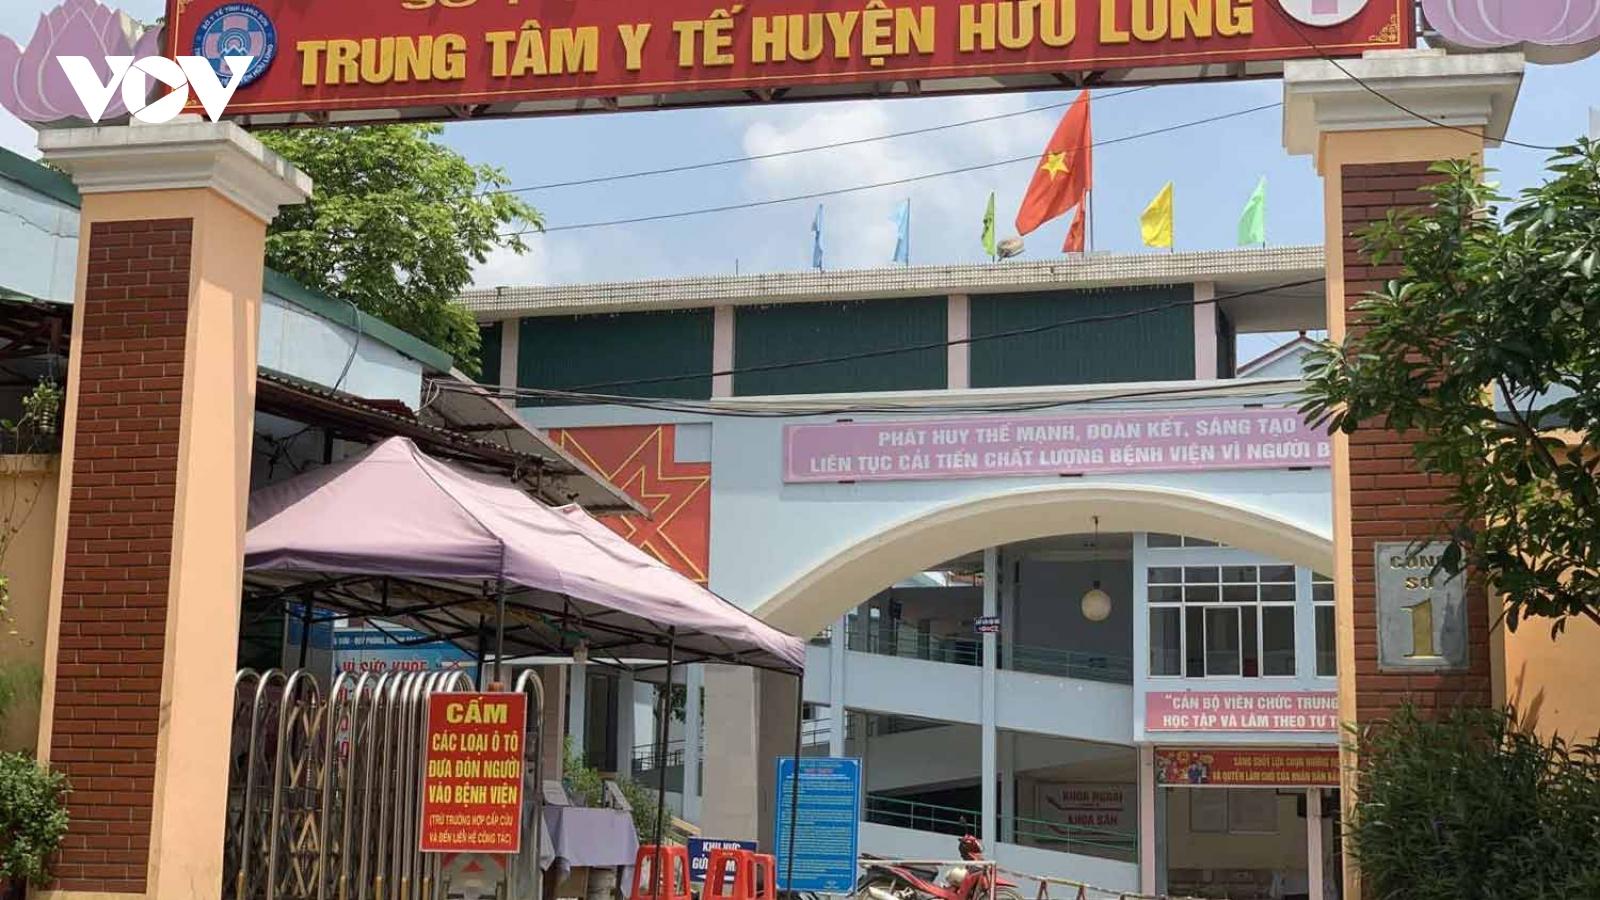 Lên phương án xây dựng khu cách ly tập trung thứ 4 ởhuyện Hữu Lũng, Lạng Sơn